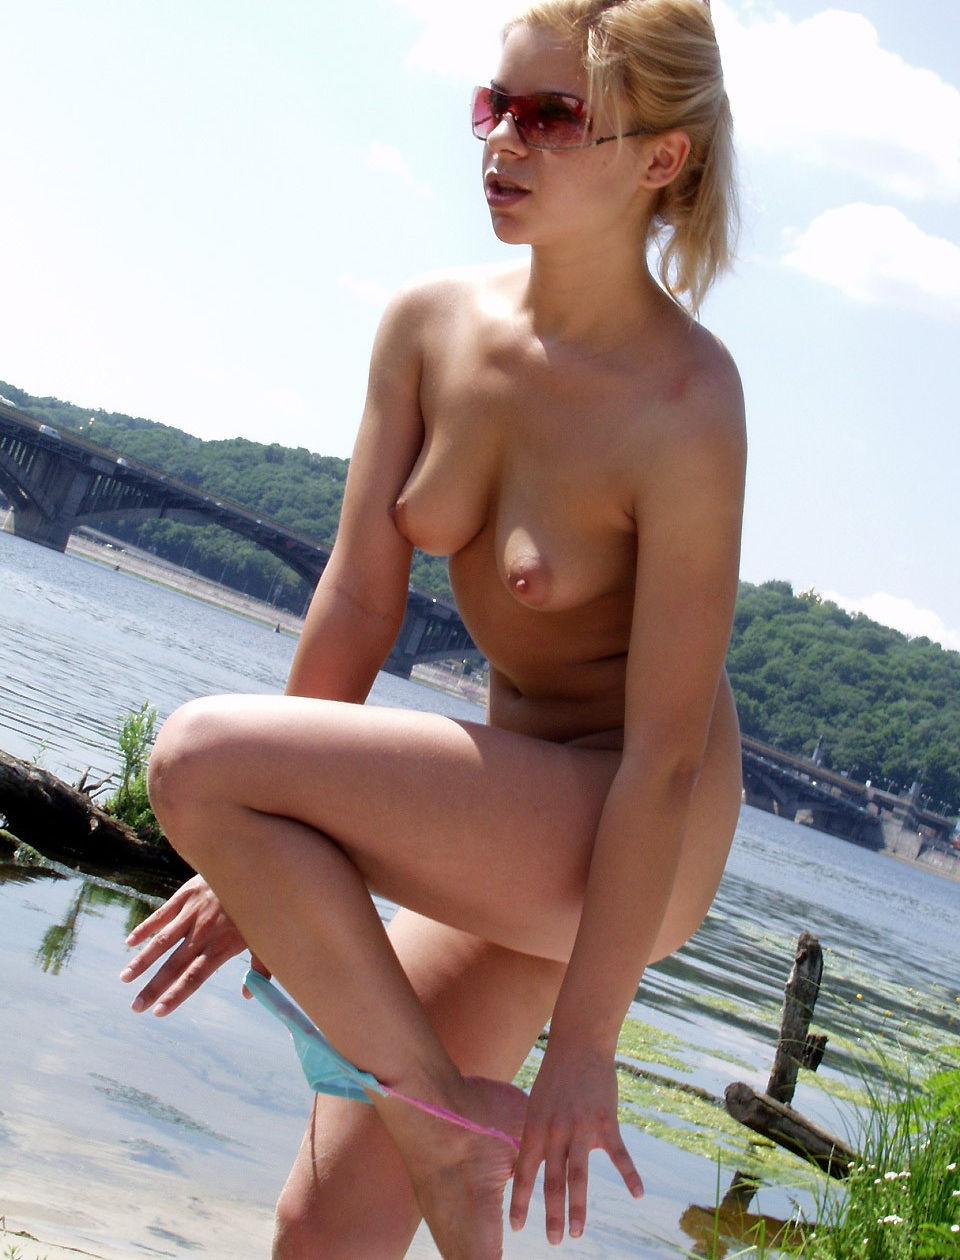 golie-ukrainki-na-plyazhah-porno-razdeli-v-tolpe